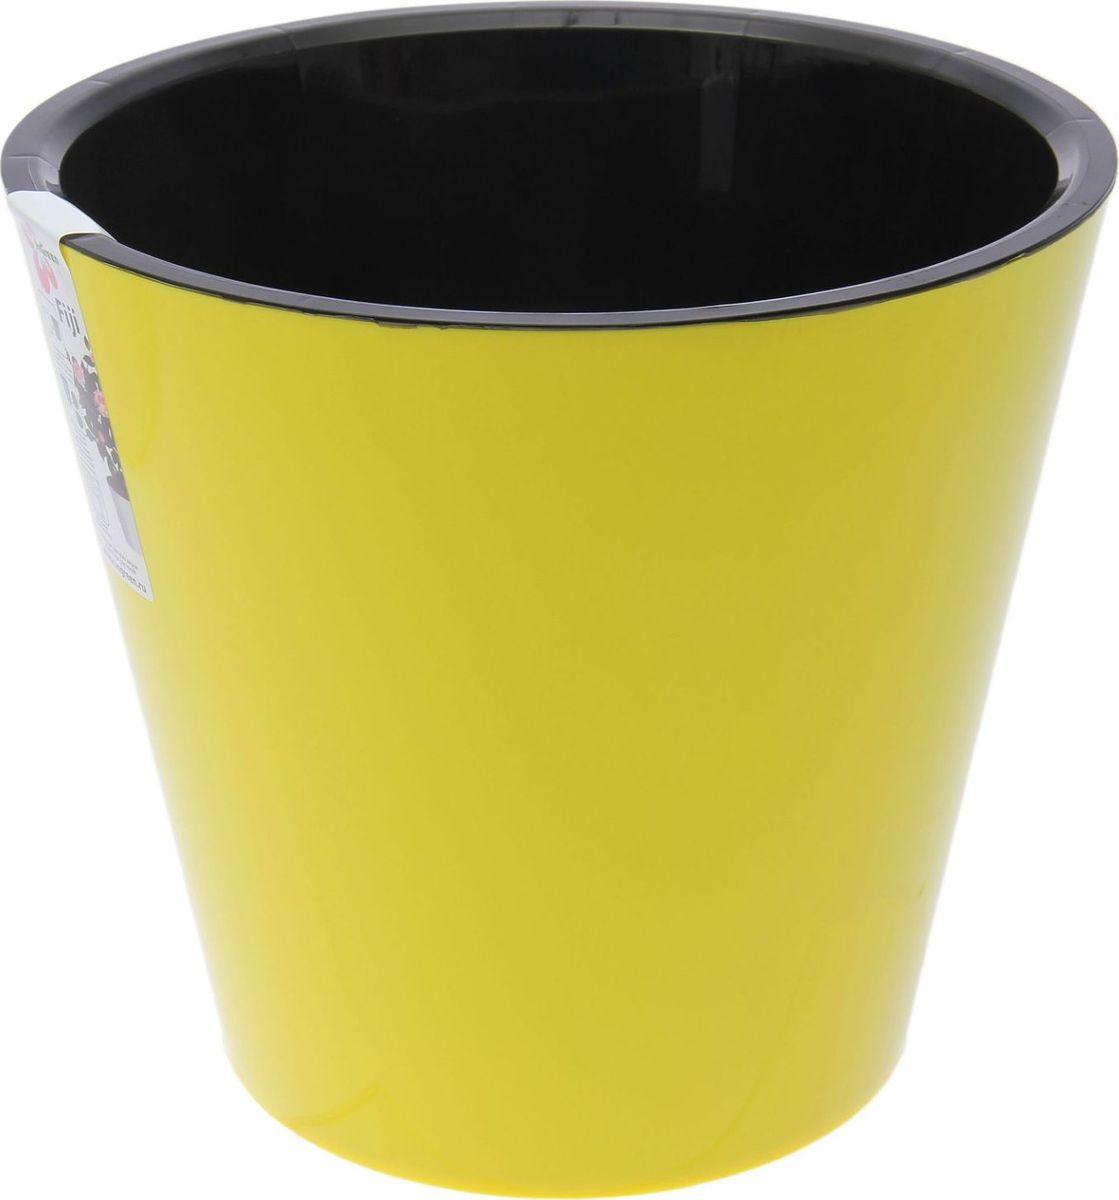 Горшок для цветов InGreen Фиджи, цвет: желтый, 5 л2372093Горшок для цветов Фиджи состоит из кашпо и внутреннего горшка. Растение высаживается во внутренний горшок с дренажными отверстиями и вставляется в кашпо. При поливе пространство между корпусом и вставкой заполняется водой и позволяет поить растение прямо в горшке. Гладкая поверхность внутреннего горшка препятствует прикреплению корней, при пересадке корневая система не повреждается. Также корни обеспечены циркуляцией воздуха за счет дренажных отверстий.Объем: 5 л.Диаметр: 230 мм.